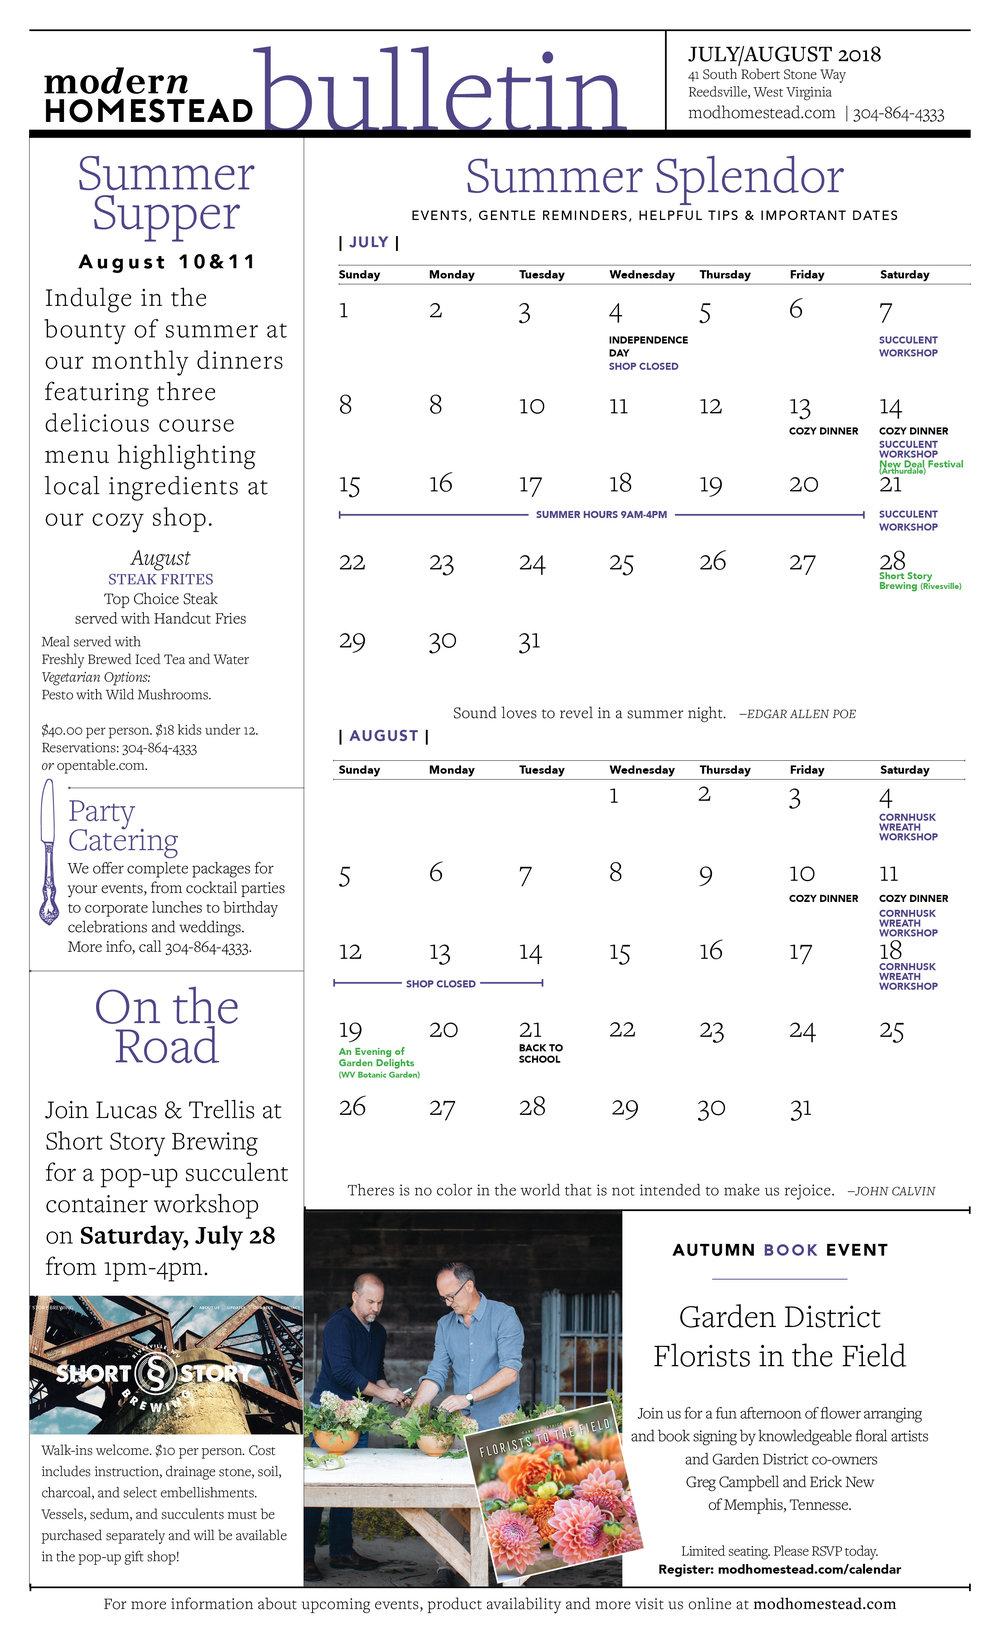 2018_newsletter_julyaugust_v2.jpg